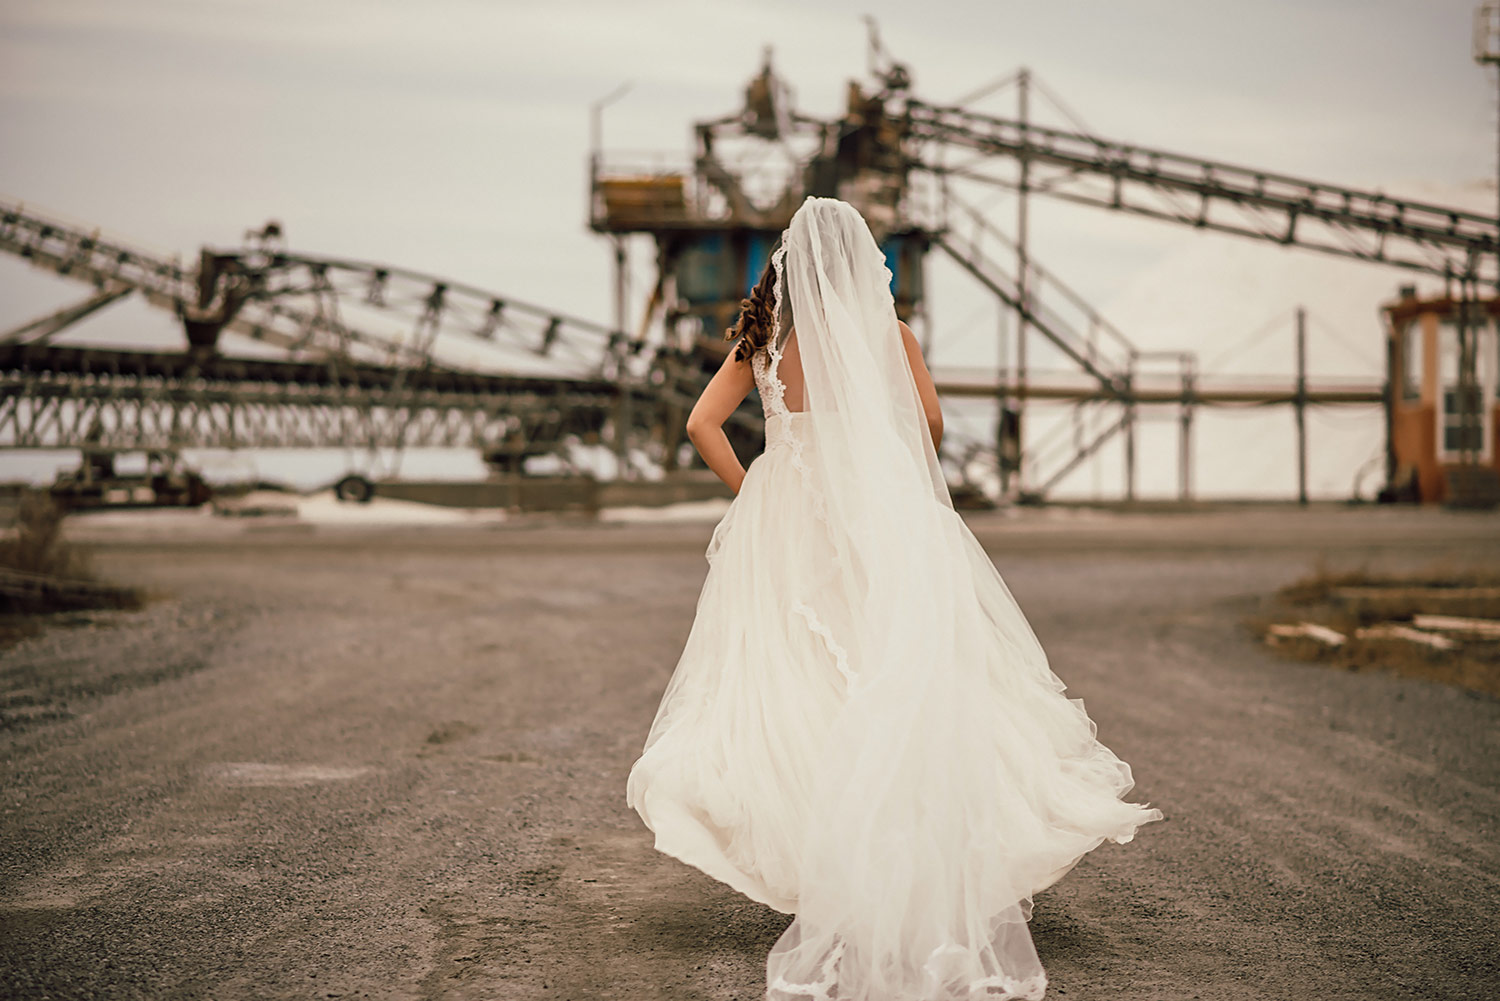 Κουκιώτης φωτογράφος γάμου Κατερίνη